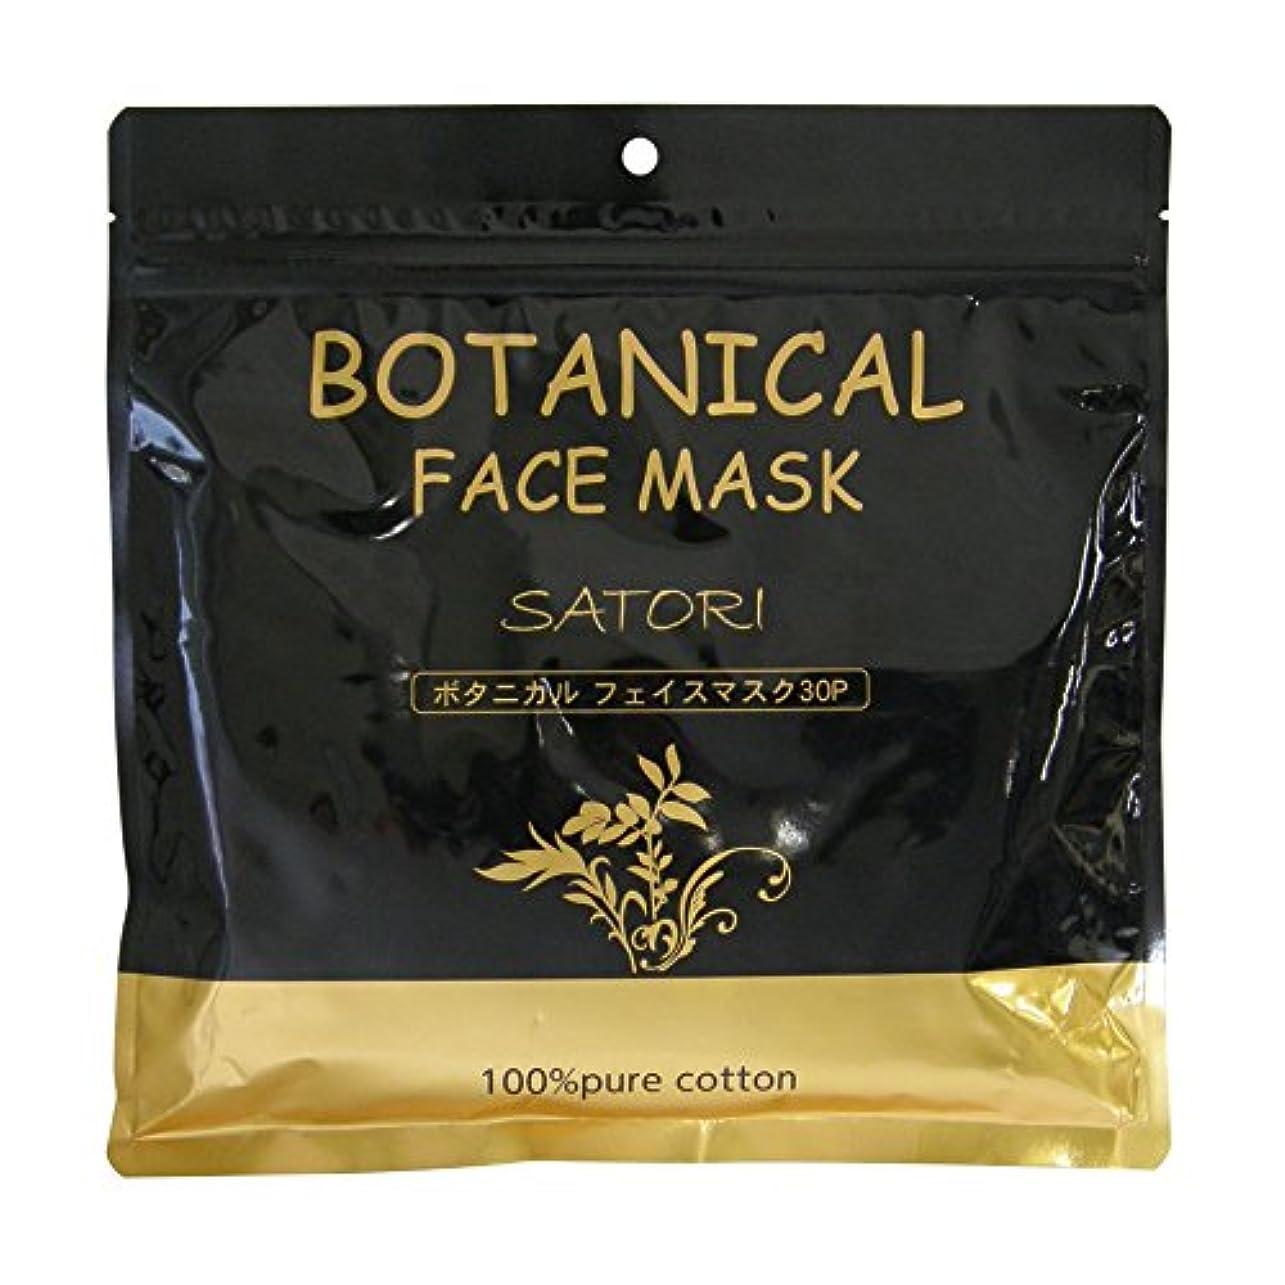 感性ランク頼むボタニカル フェイスマスク 30枚入